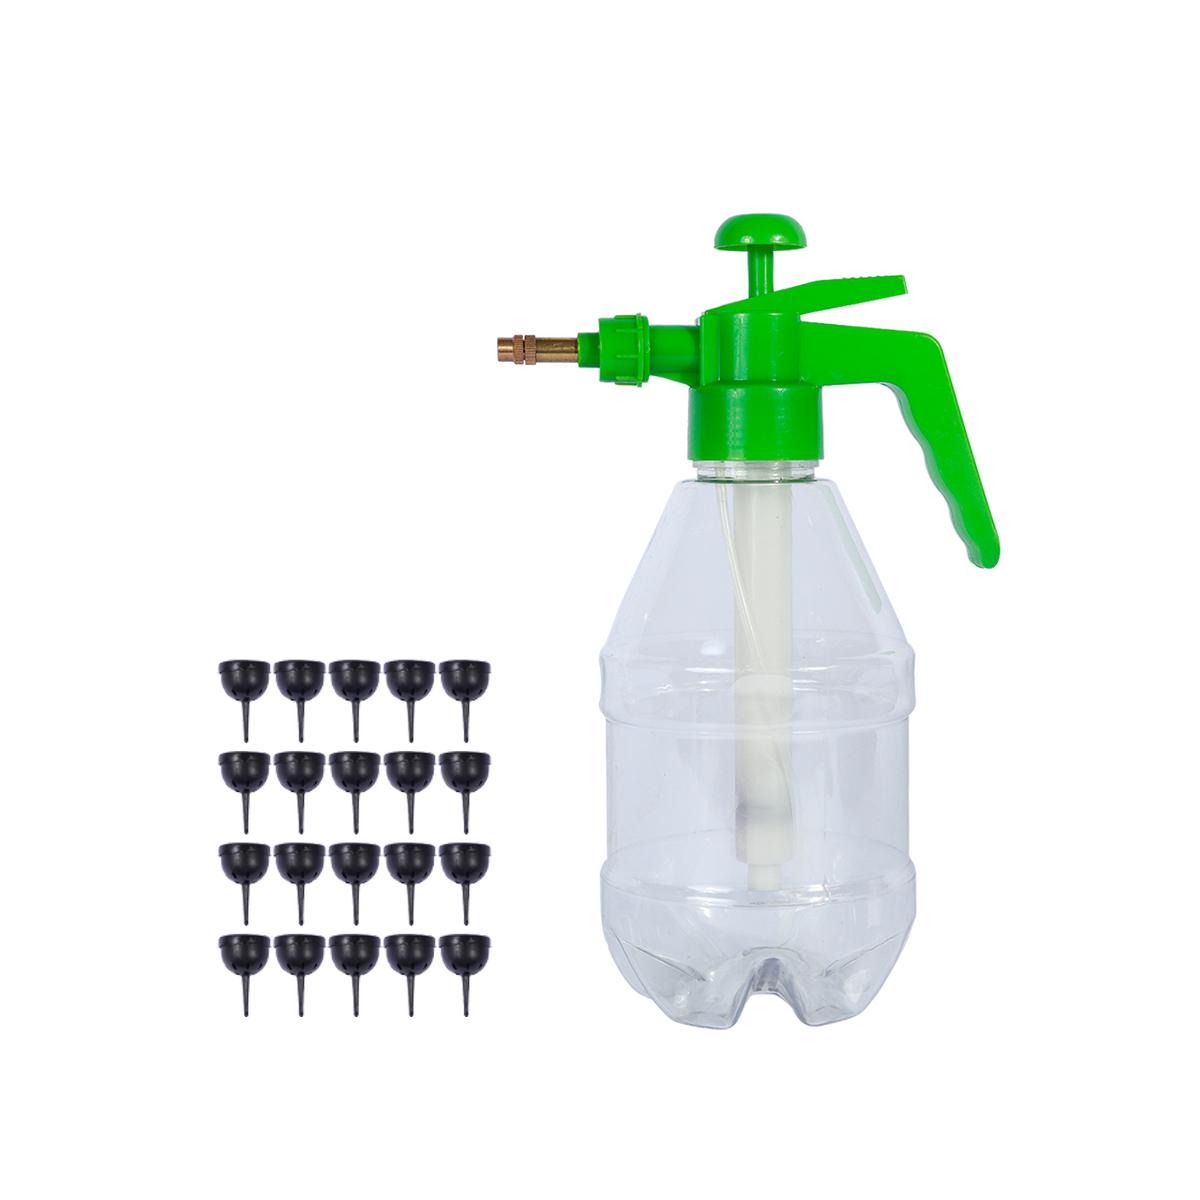 Kit Pulverizador De Pressão Acumulada de 1,5 Litros + 20 Porta Adubos